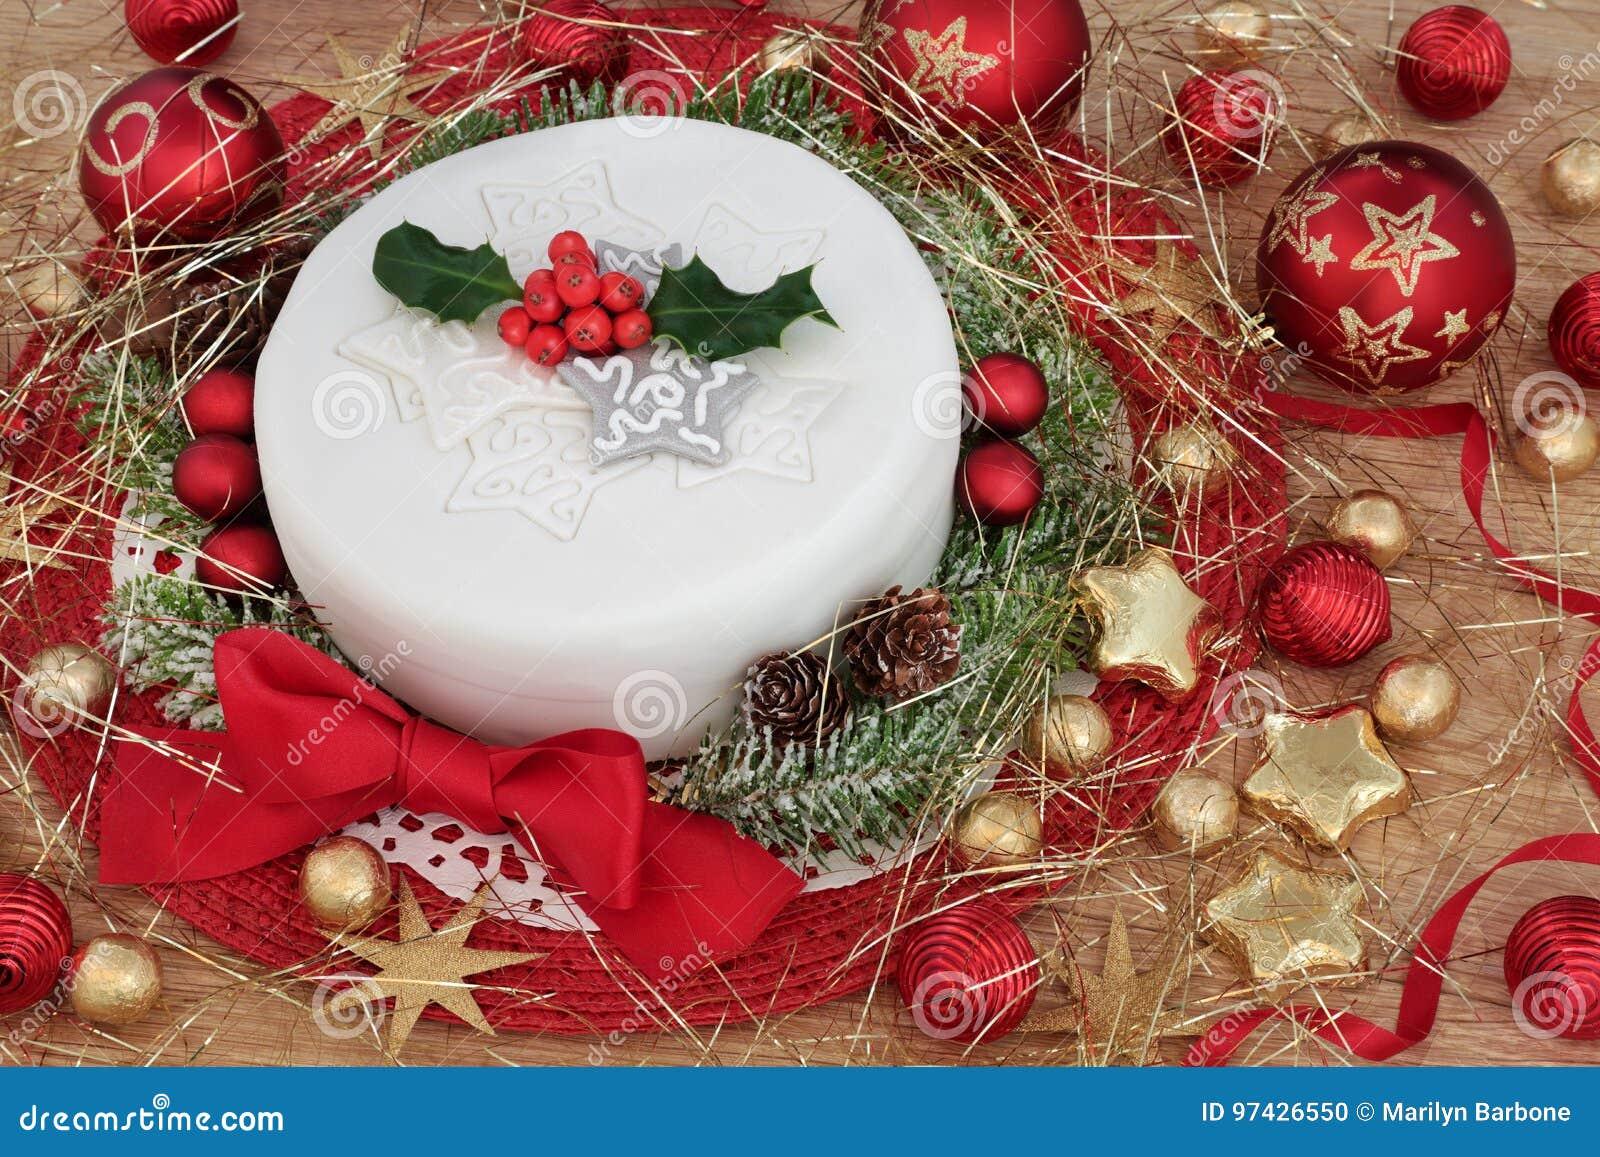 Gateau De Fete De Noel.Gâteau De Fête De Noël Photo Stock Image Du Chêne Sapin